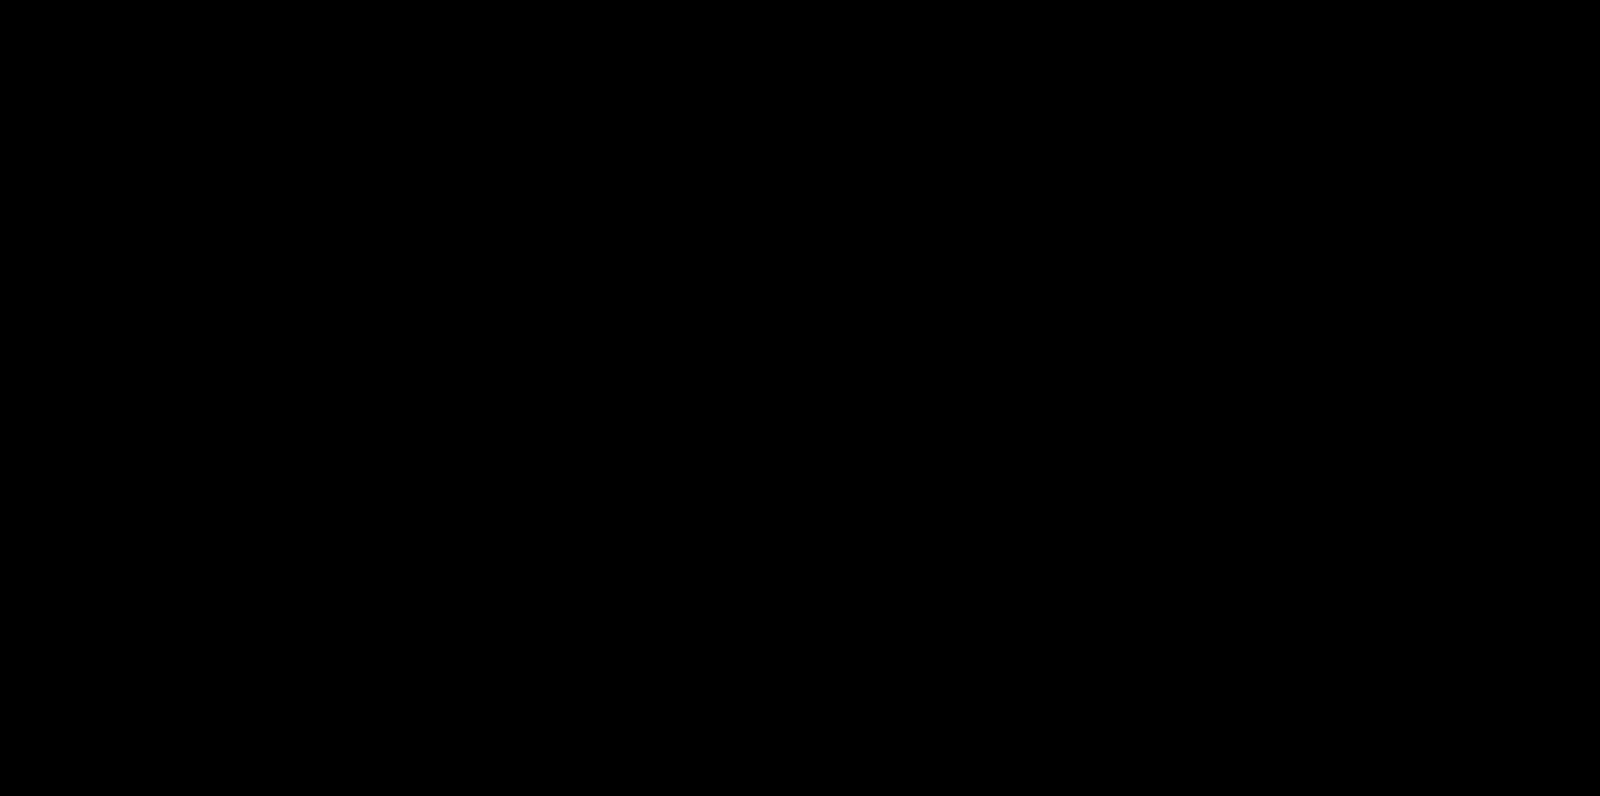 خلفية شفافة Png اجمل خلفيات الهاتف بنات كول